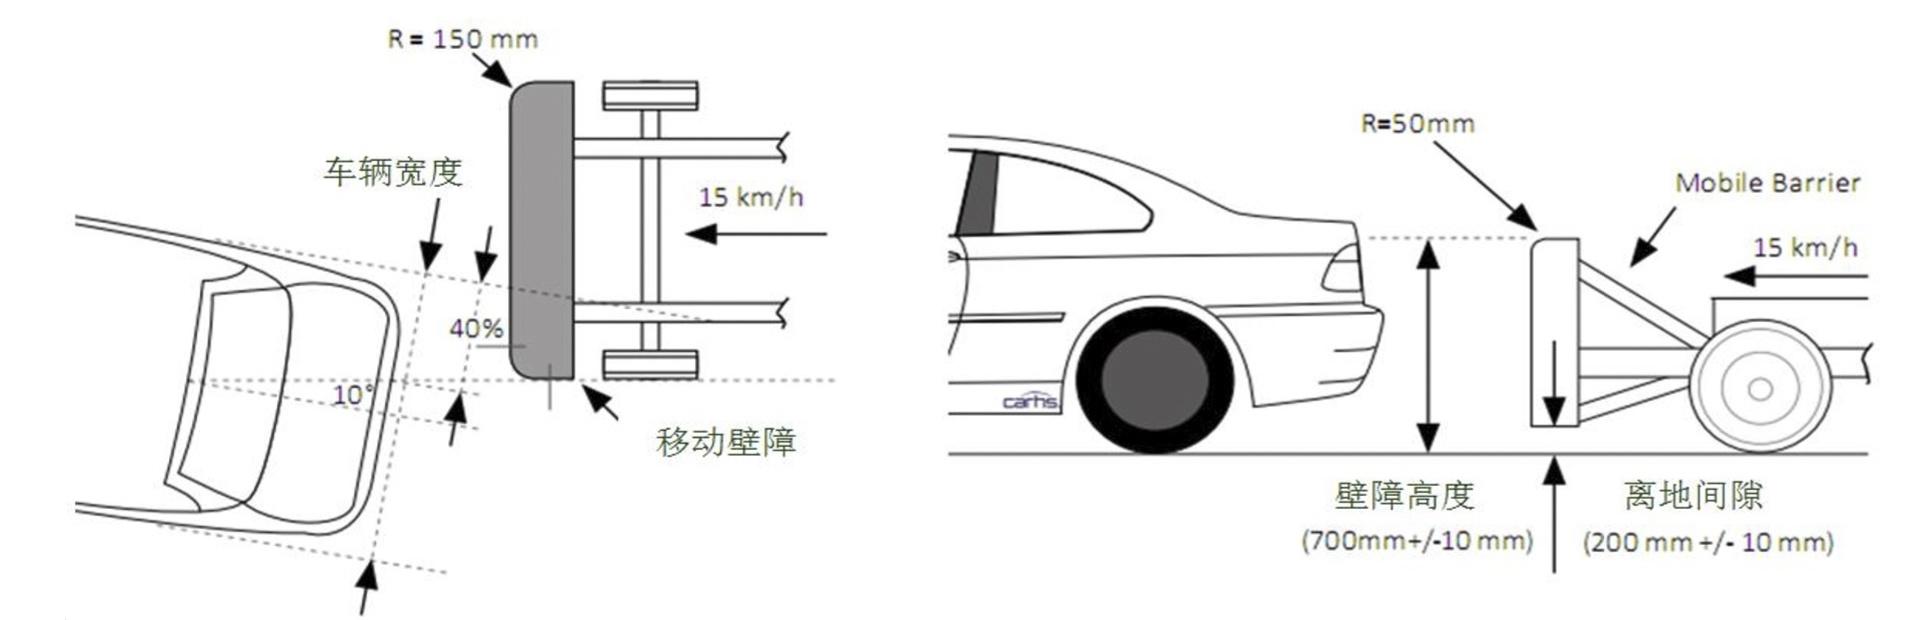 图注:中保研 车尾低速碰撞示意图